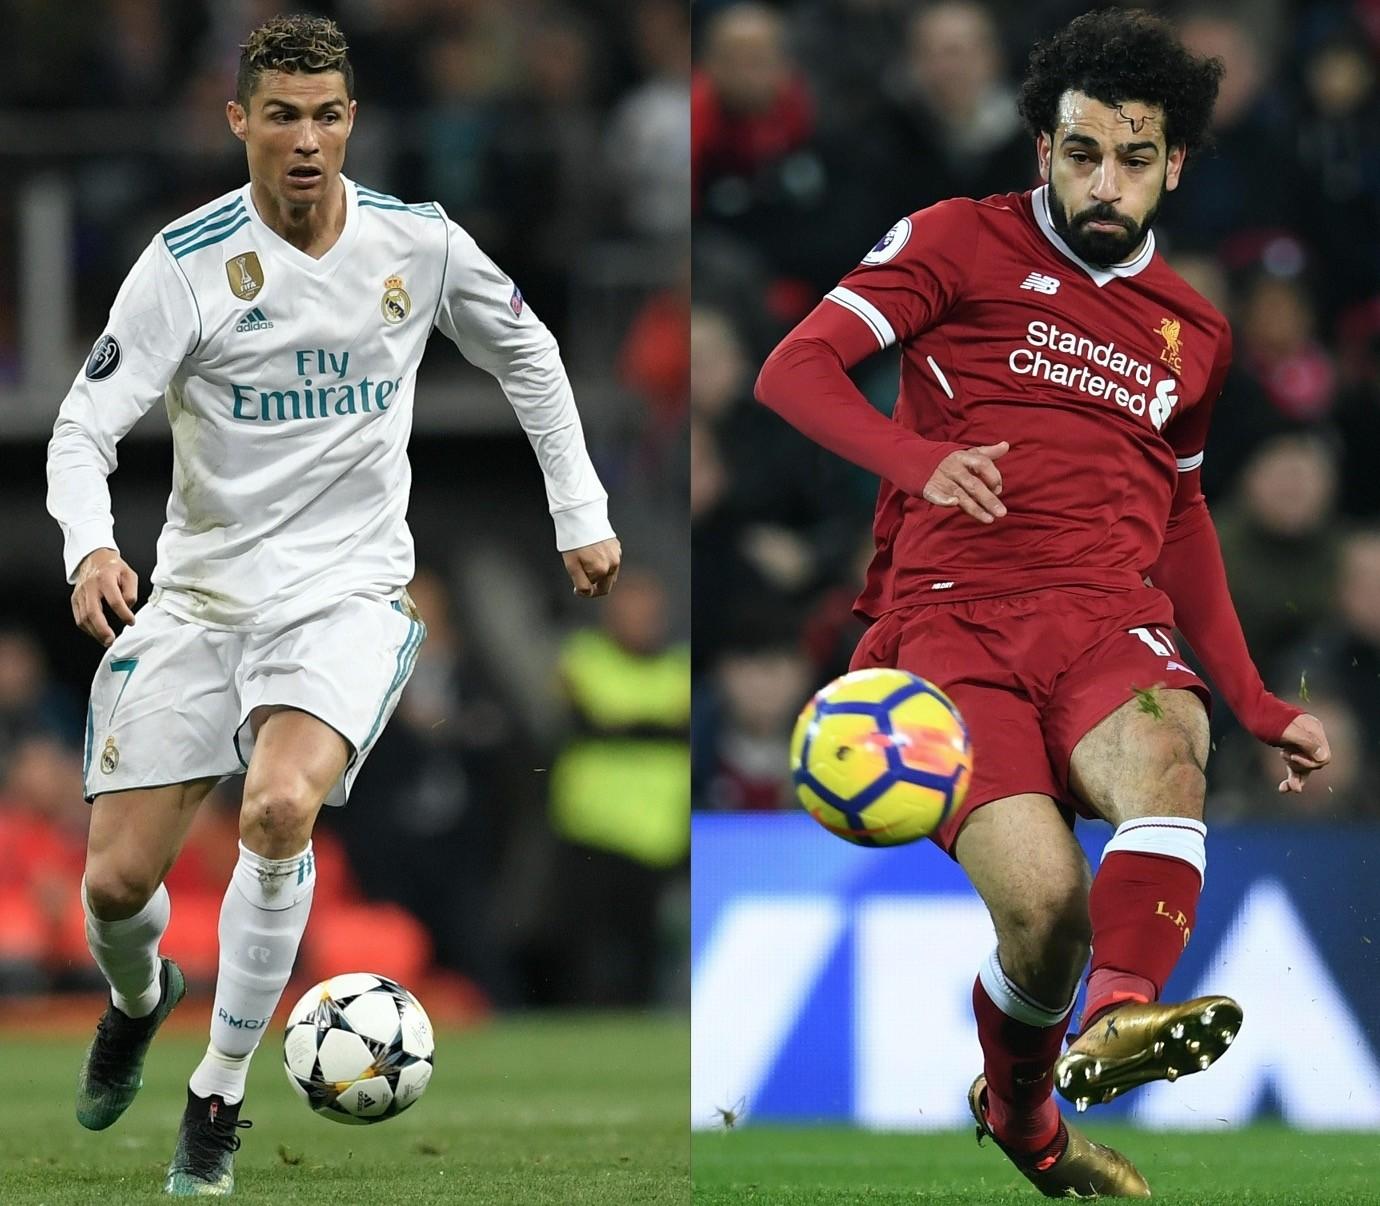 Ronaldo (L) and Salah